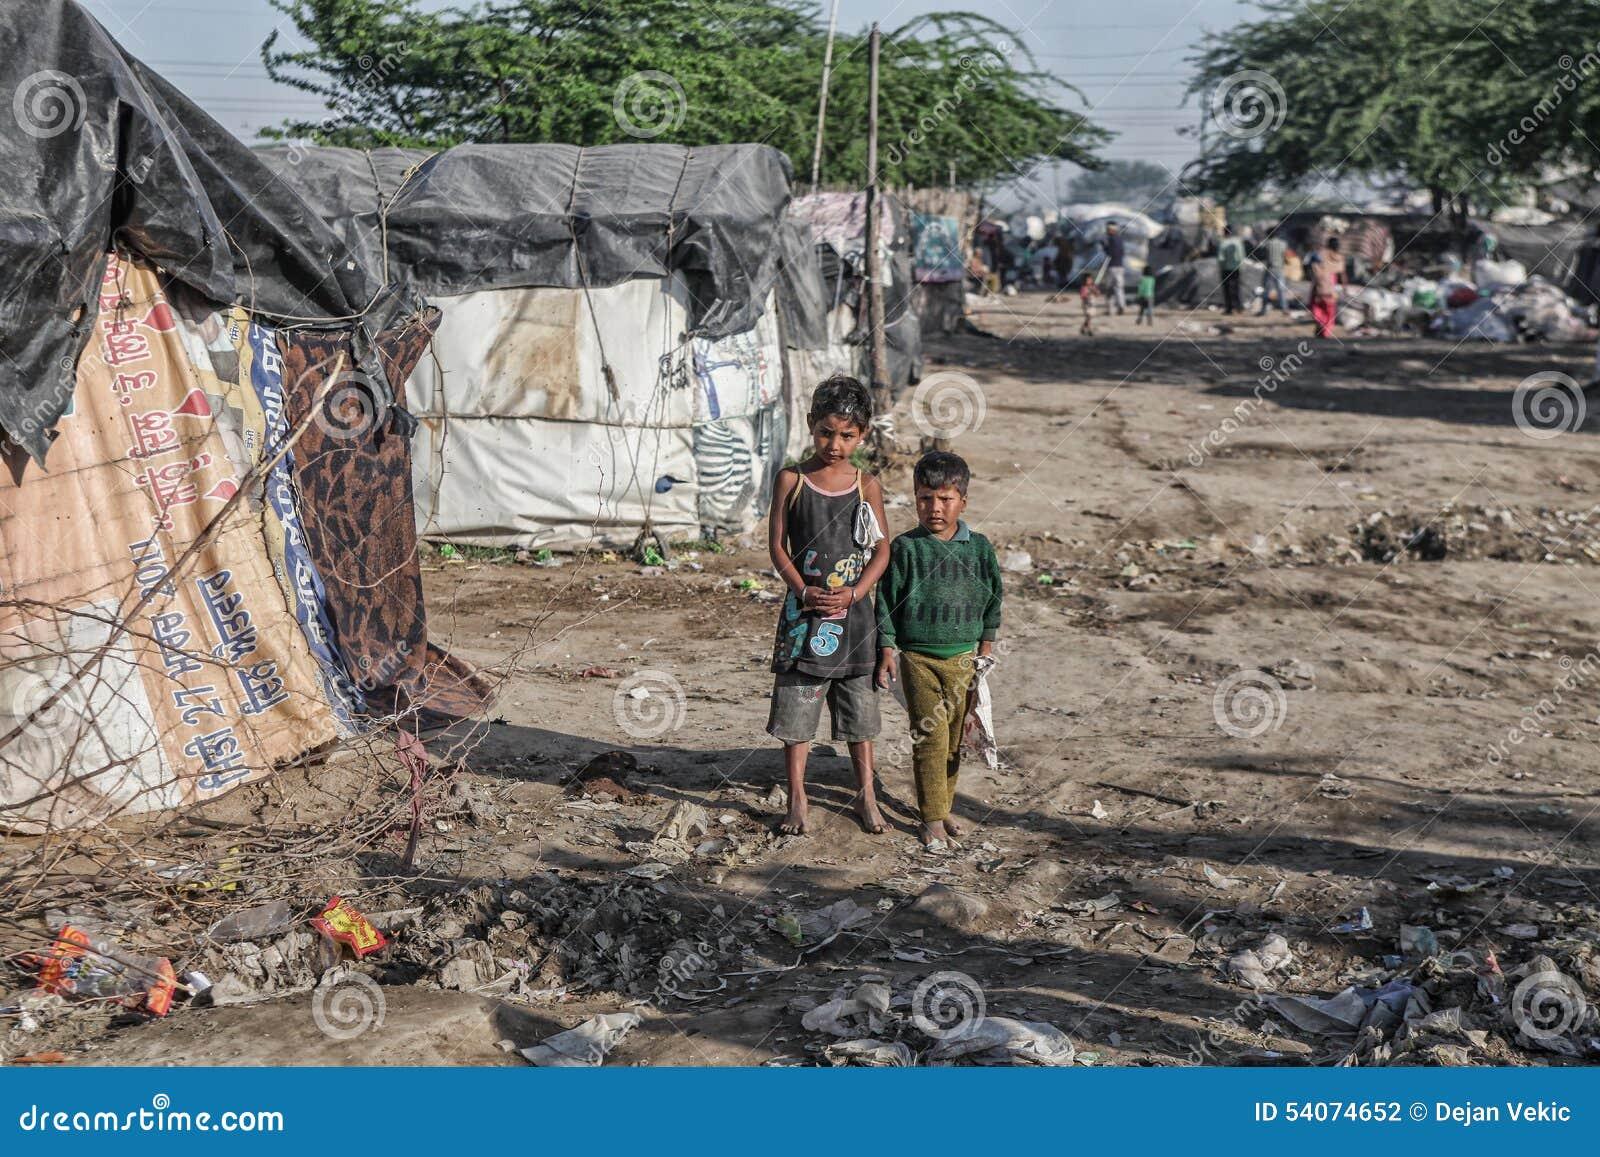 kids poor Poor kids at their home